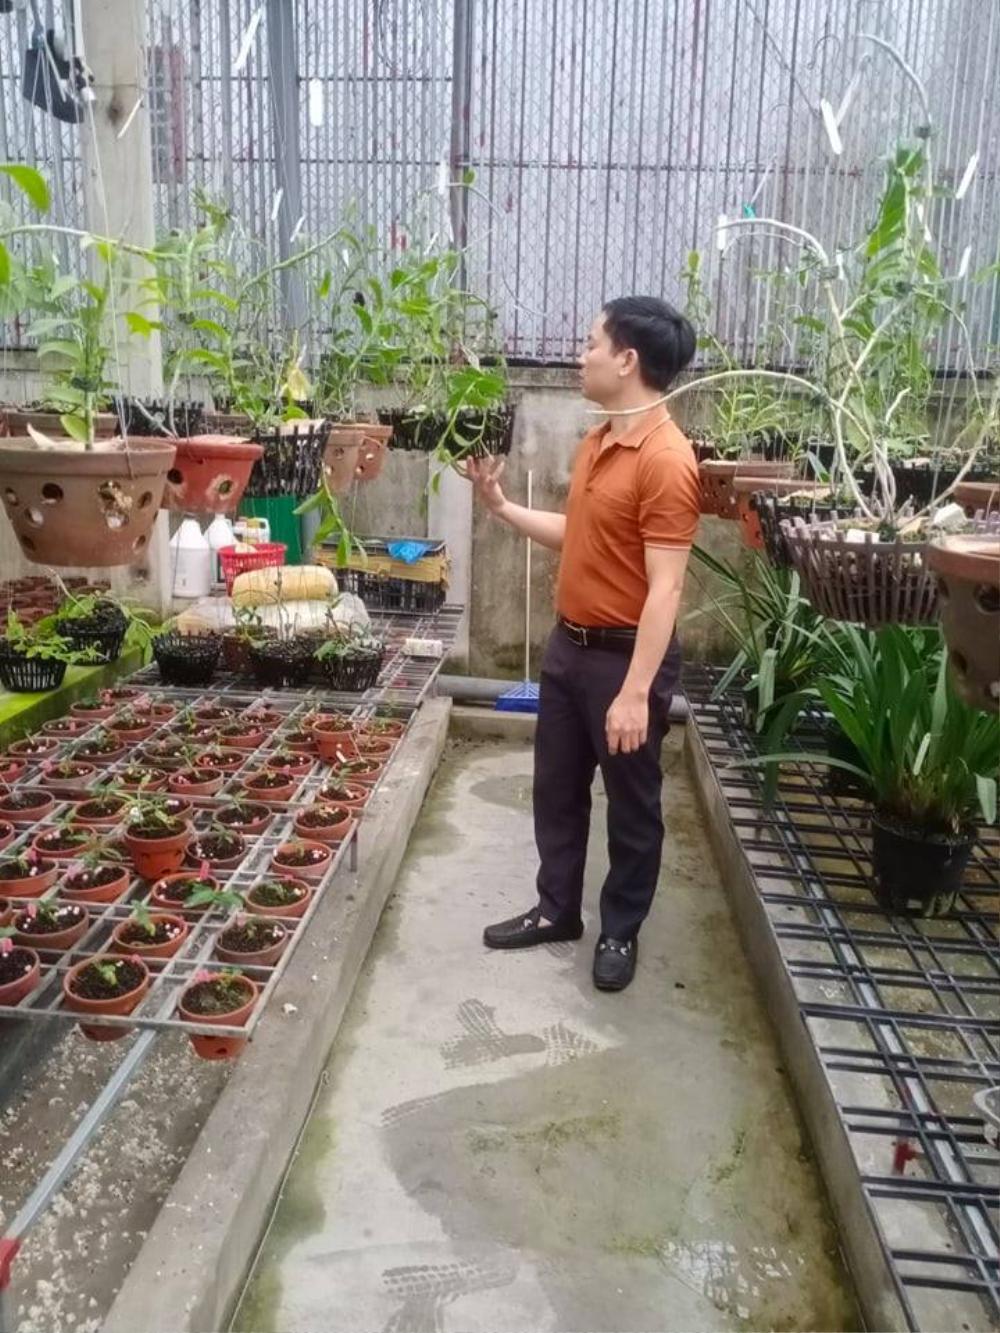 Ông chủ 7X Mạnh Hùng và bí quyết thành công khi trồng lan Ảnh 4